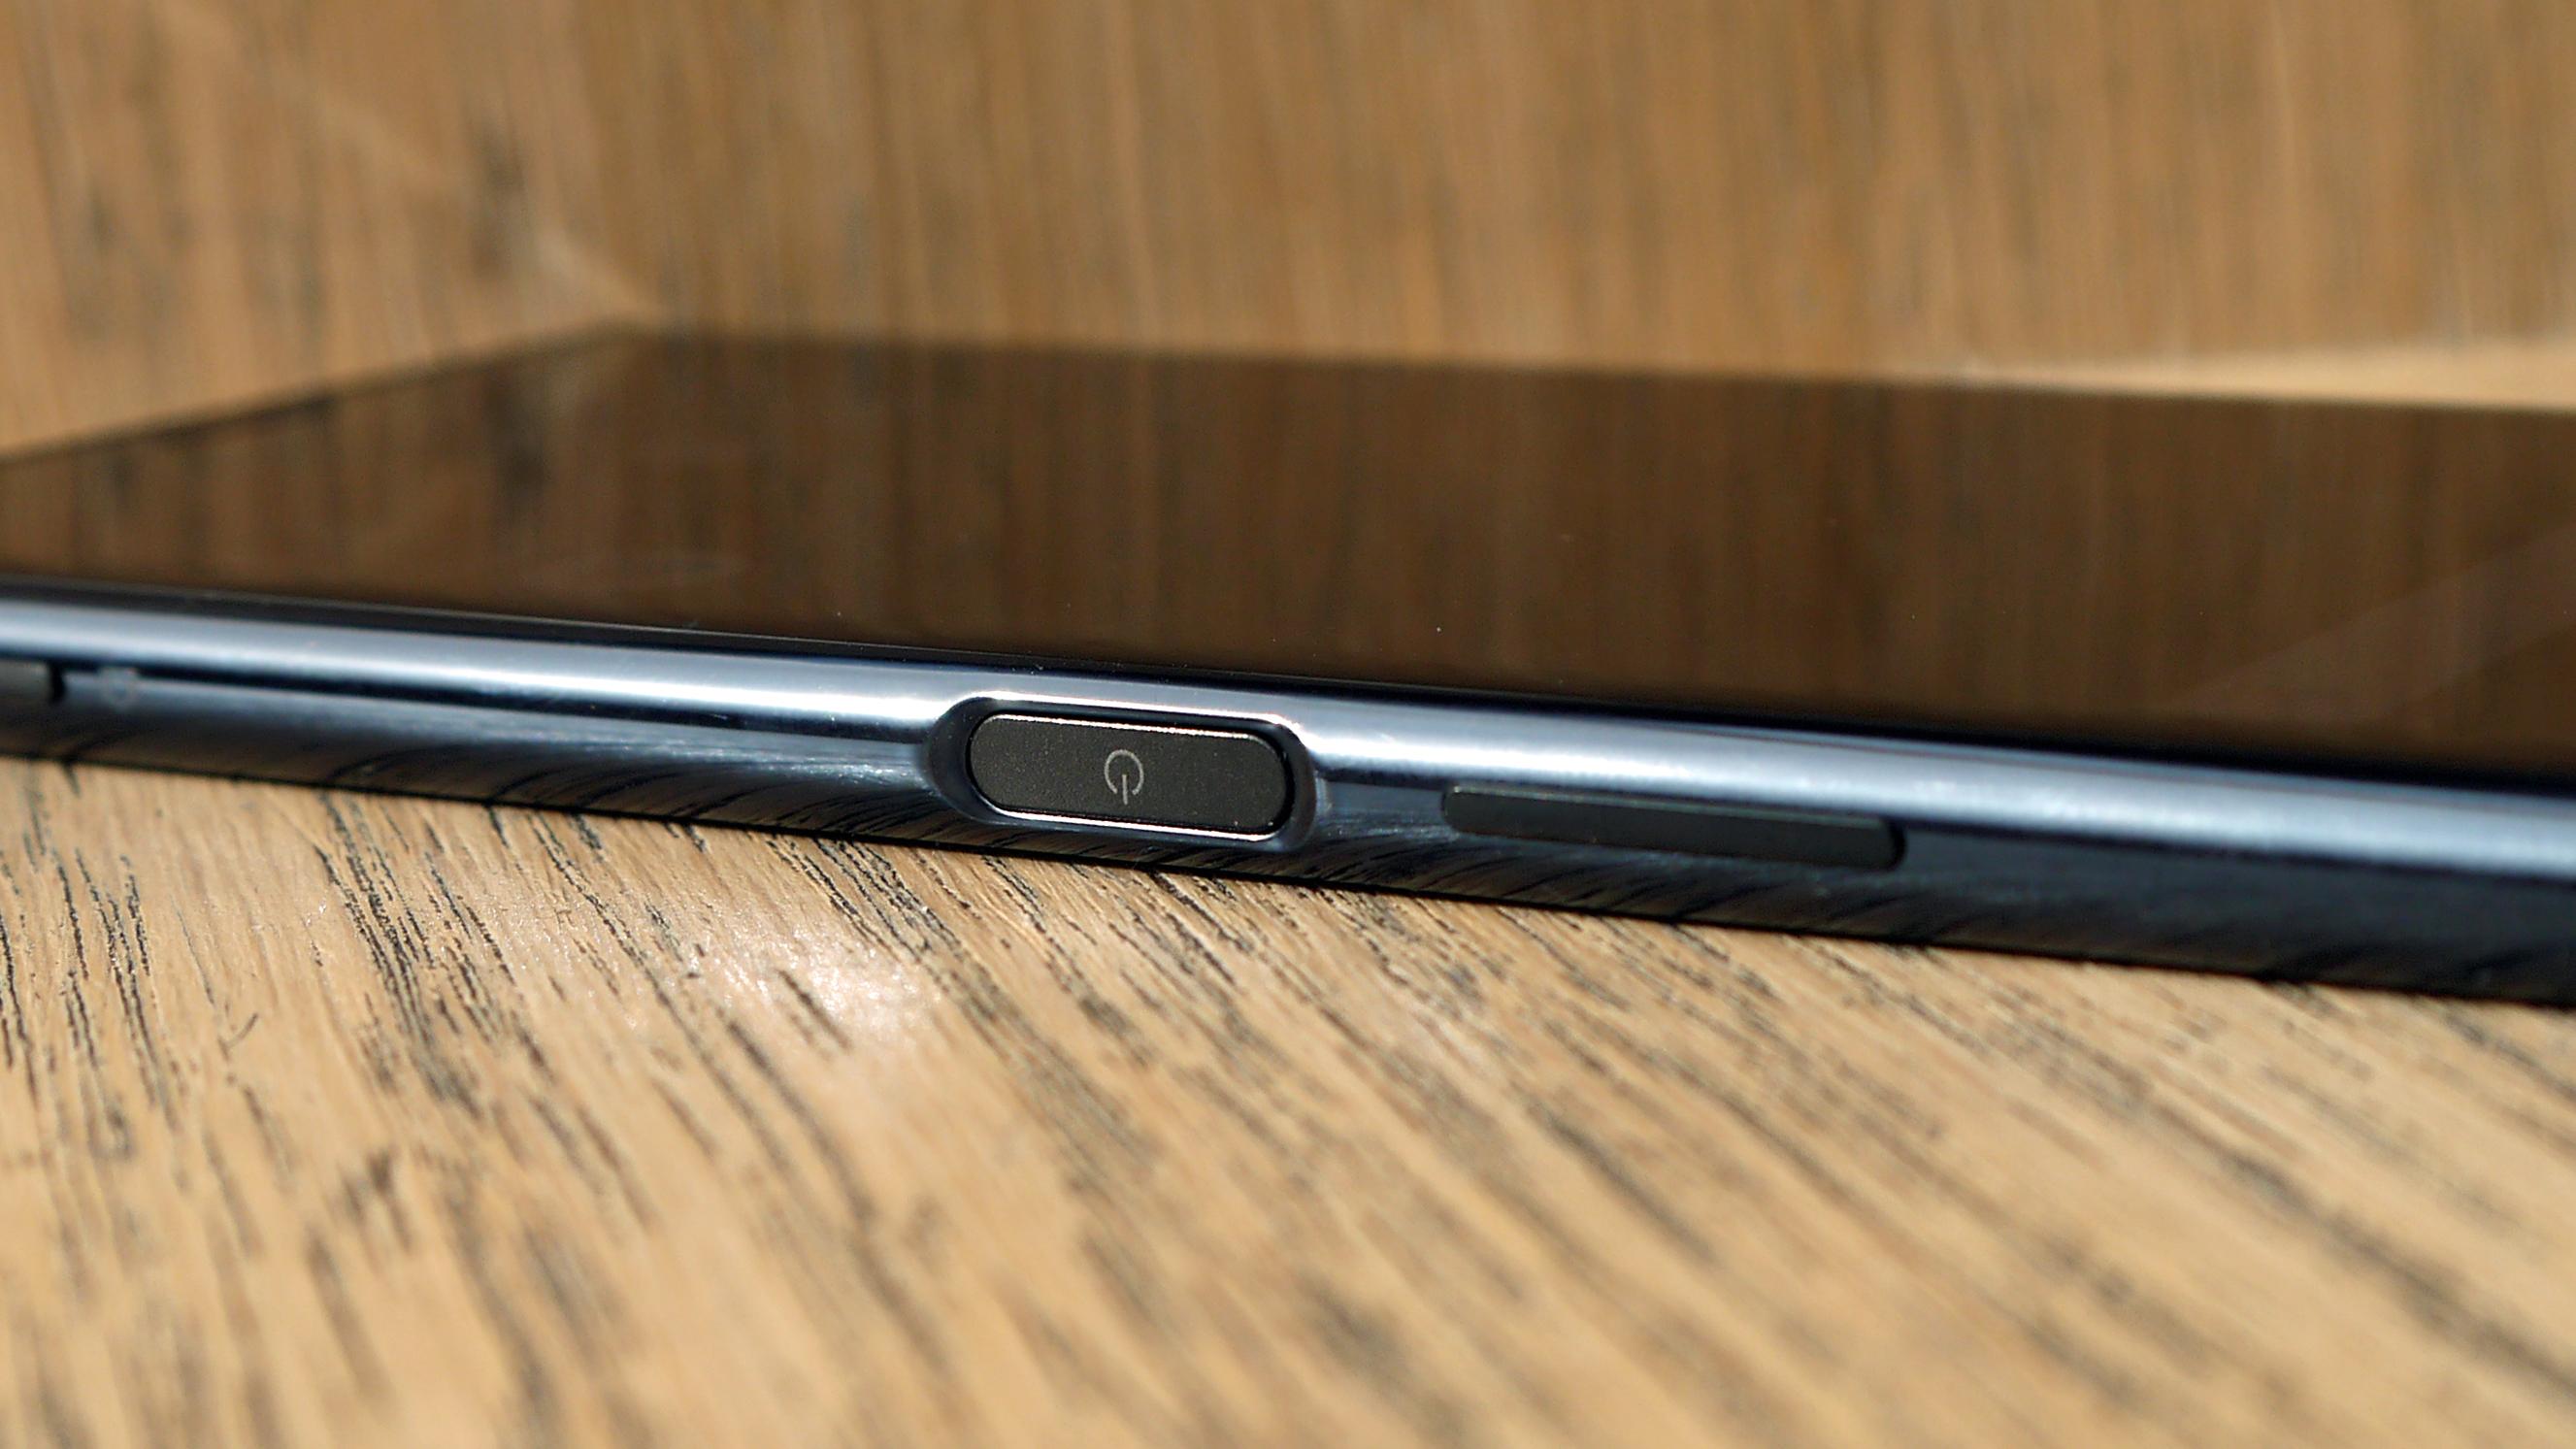 November 2017 Mobiles365 Lg G3 16 Gb Putih 3 Fingerprint Scanning In The Us